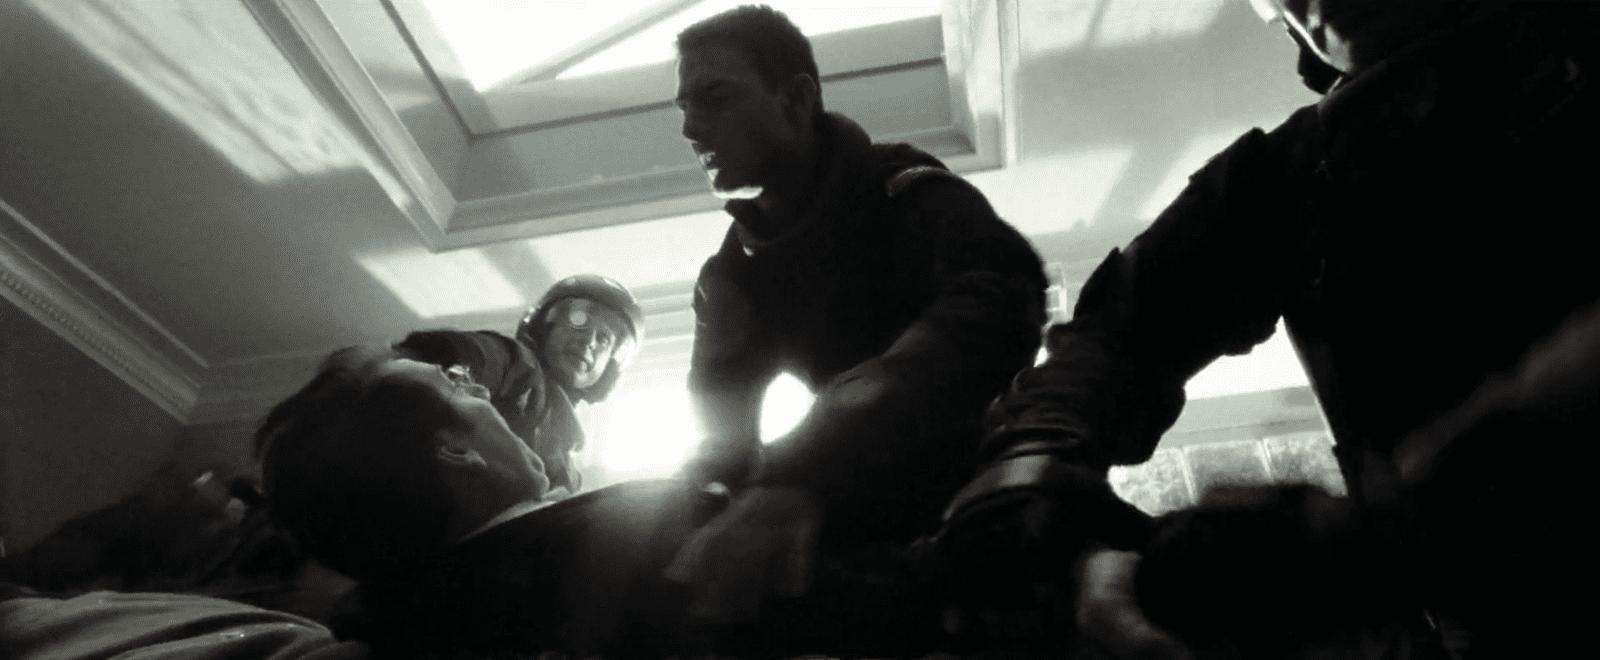 Die Polizei trifft gerade noch rechtzeitig ein. Der Mörder kurz vor seiner Tat. Filmstill aus Minority Report (Spielberg 2002).